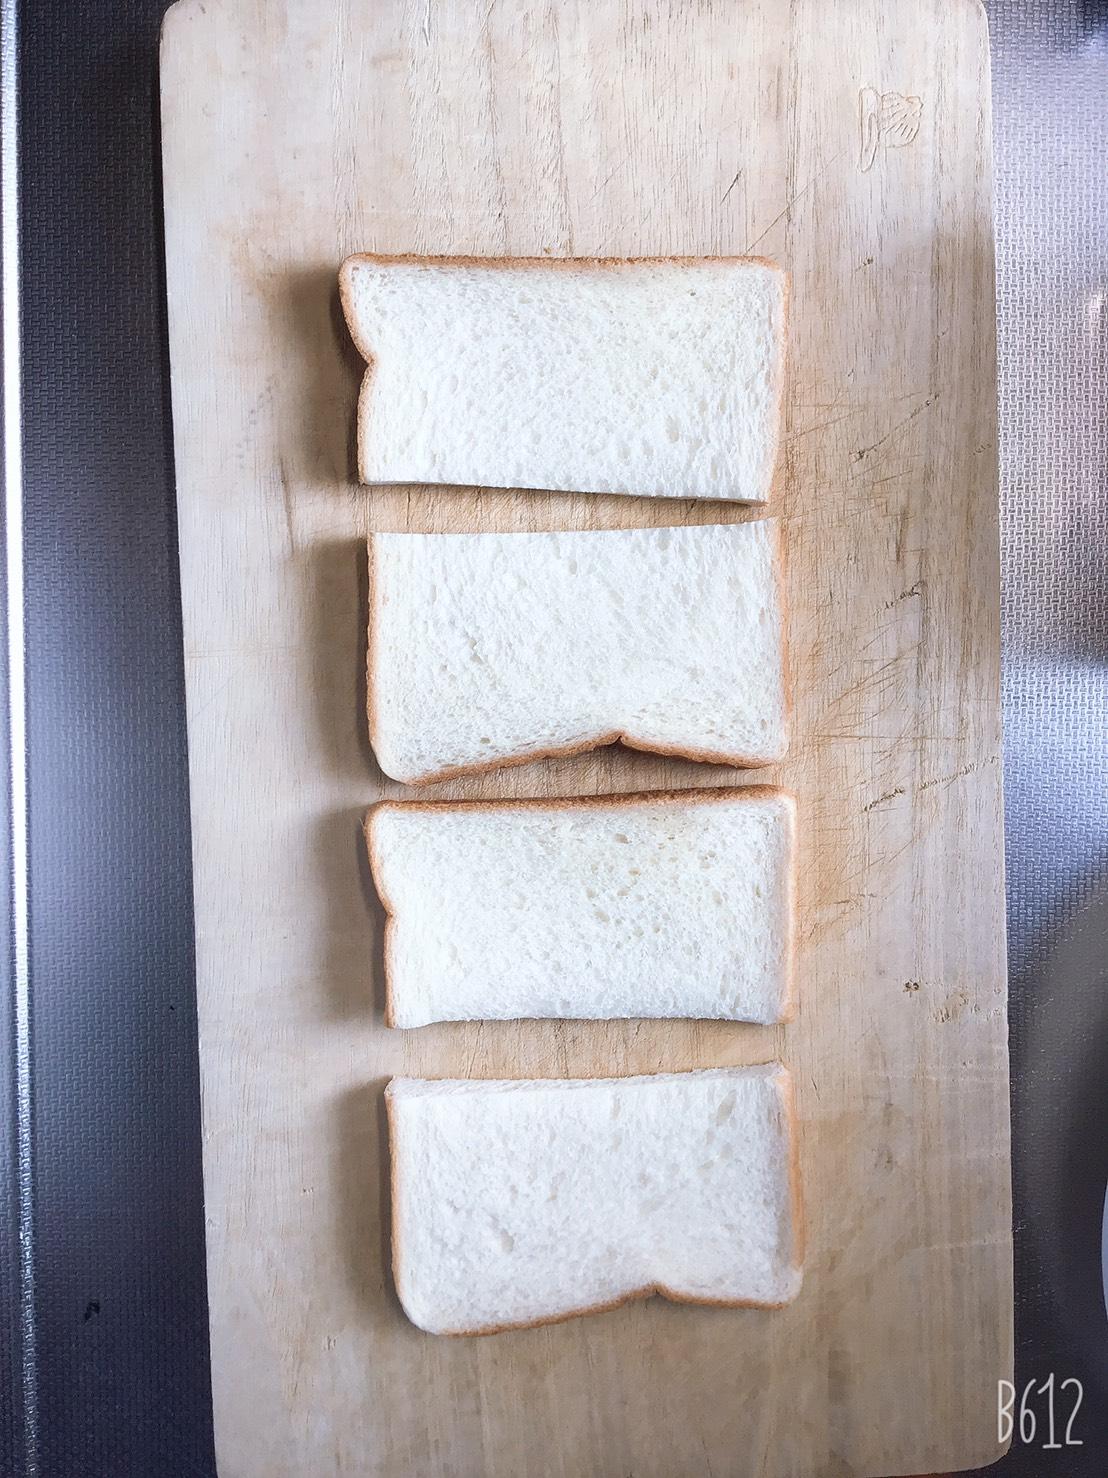 【画像有】ハムチーズサンド作るおwwwwwwwwwwwwwwwwwwwwwwwwwwww